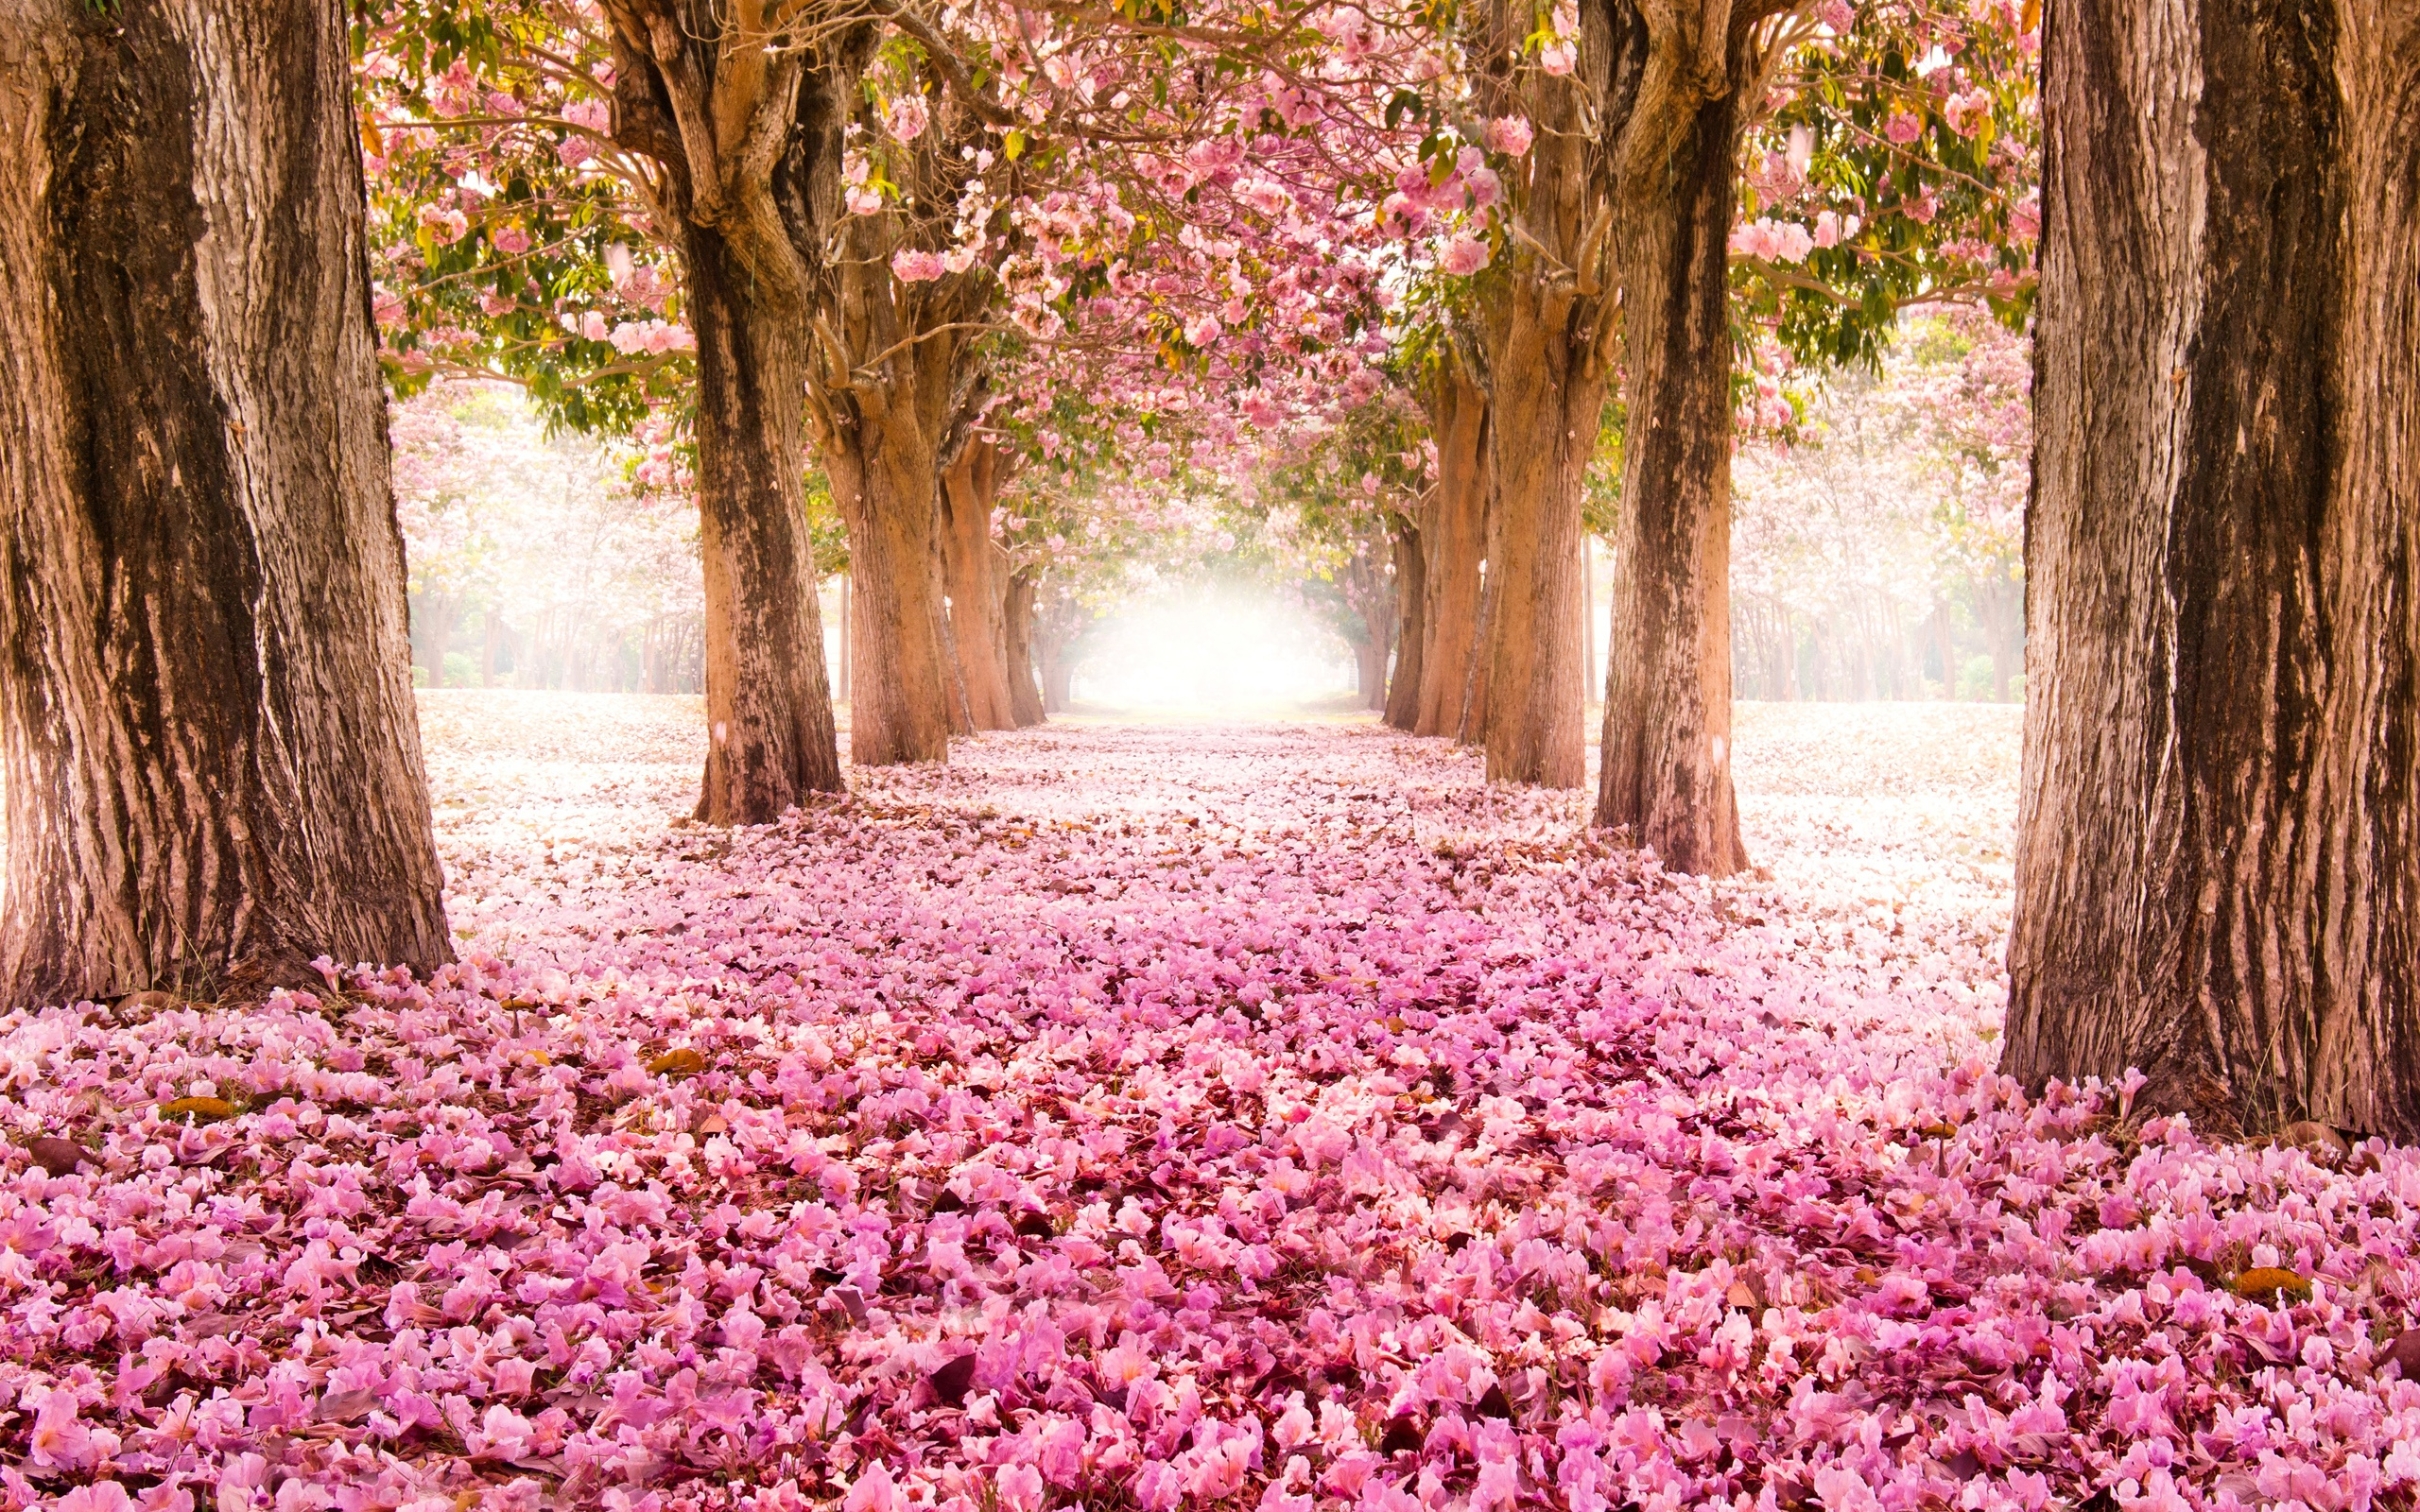 Adquiere Aqui Estos Fondos De Pantalla Con Flores Hermosas: Fondos De Pantalla Flores Rosadas Del Indo, Camino